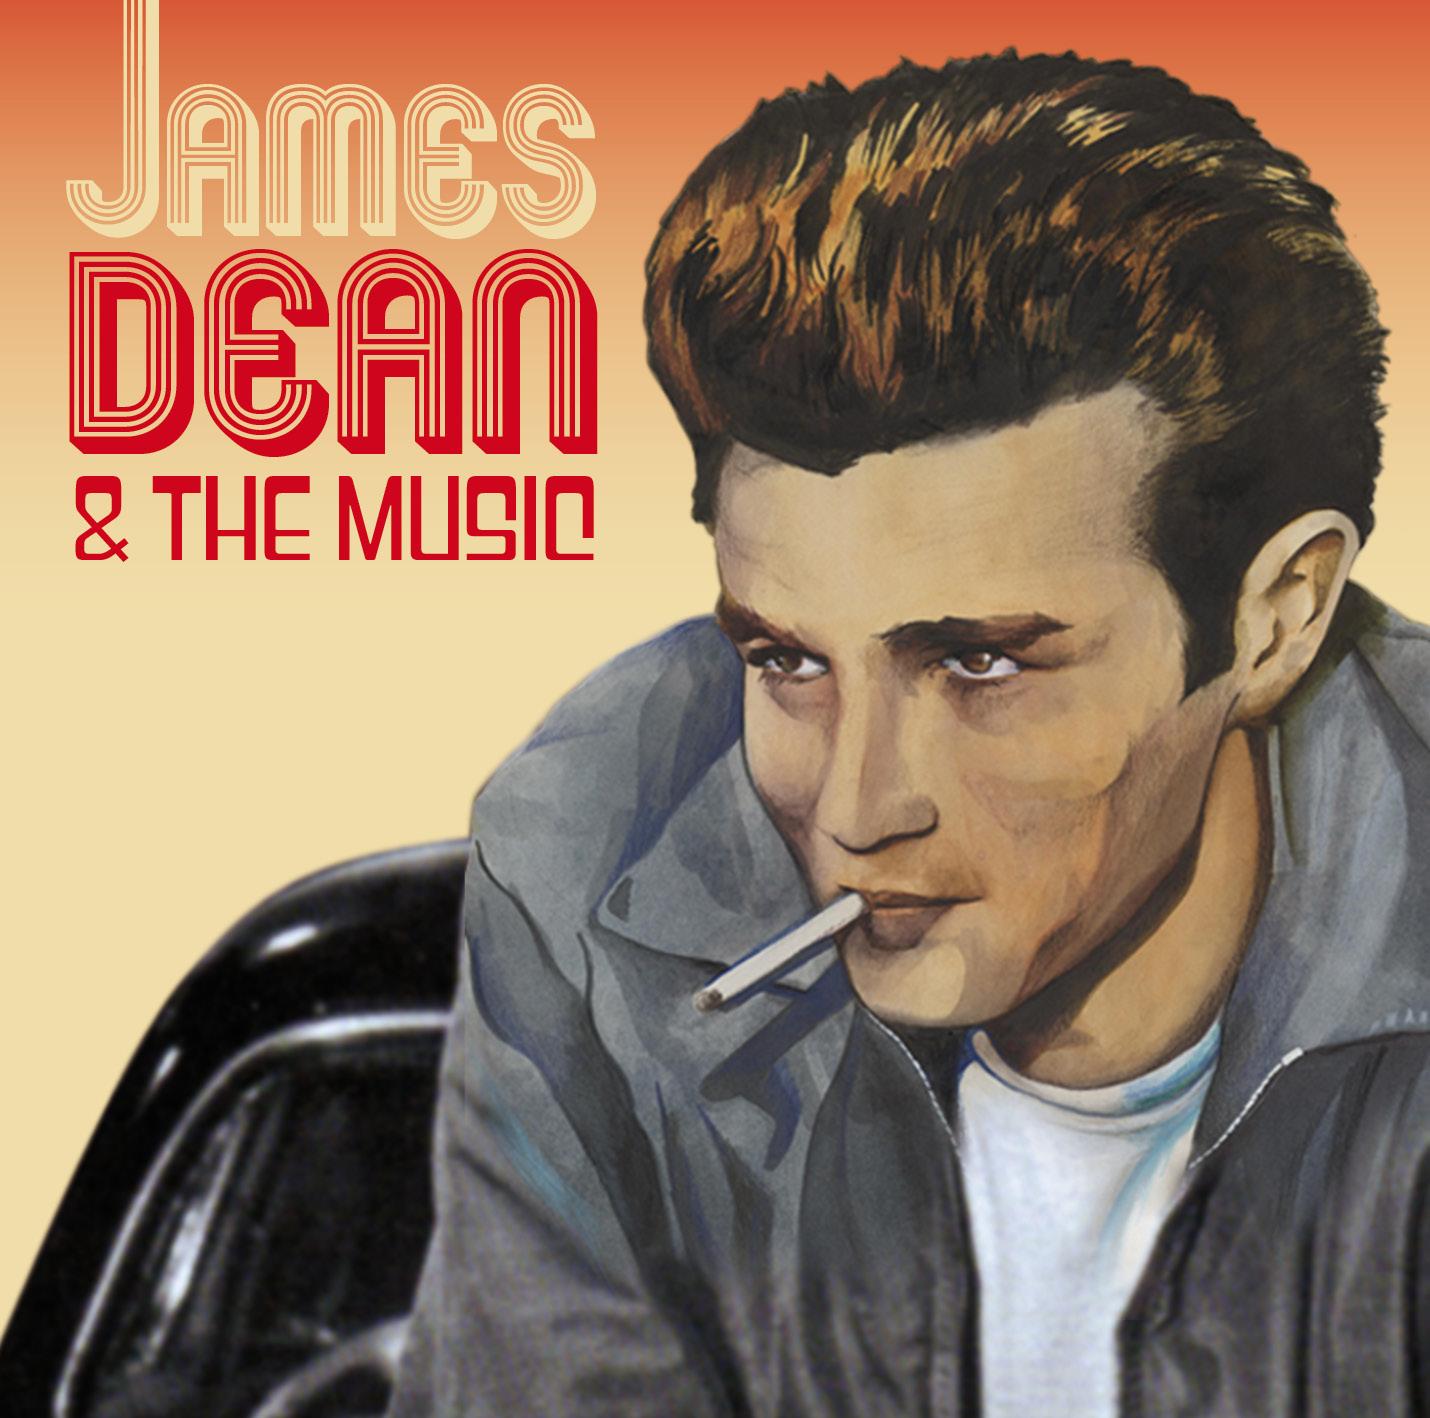 James Dean & The Music